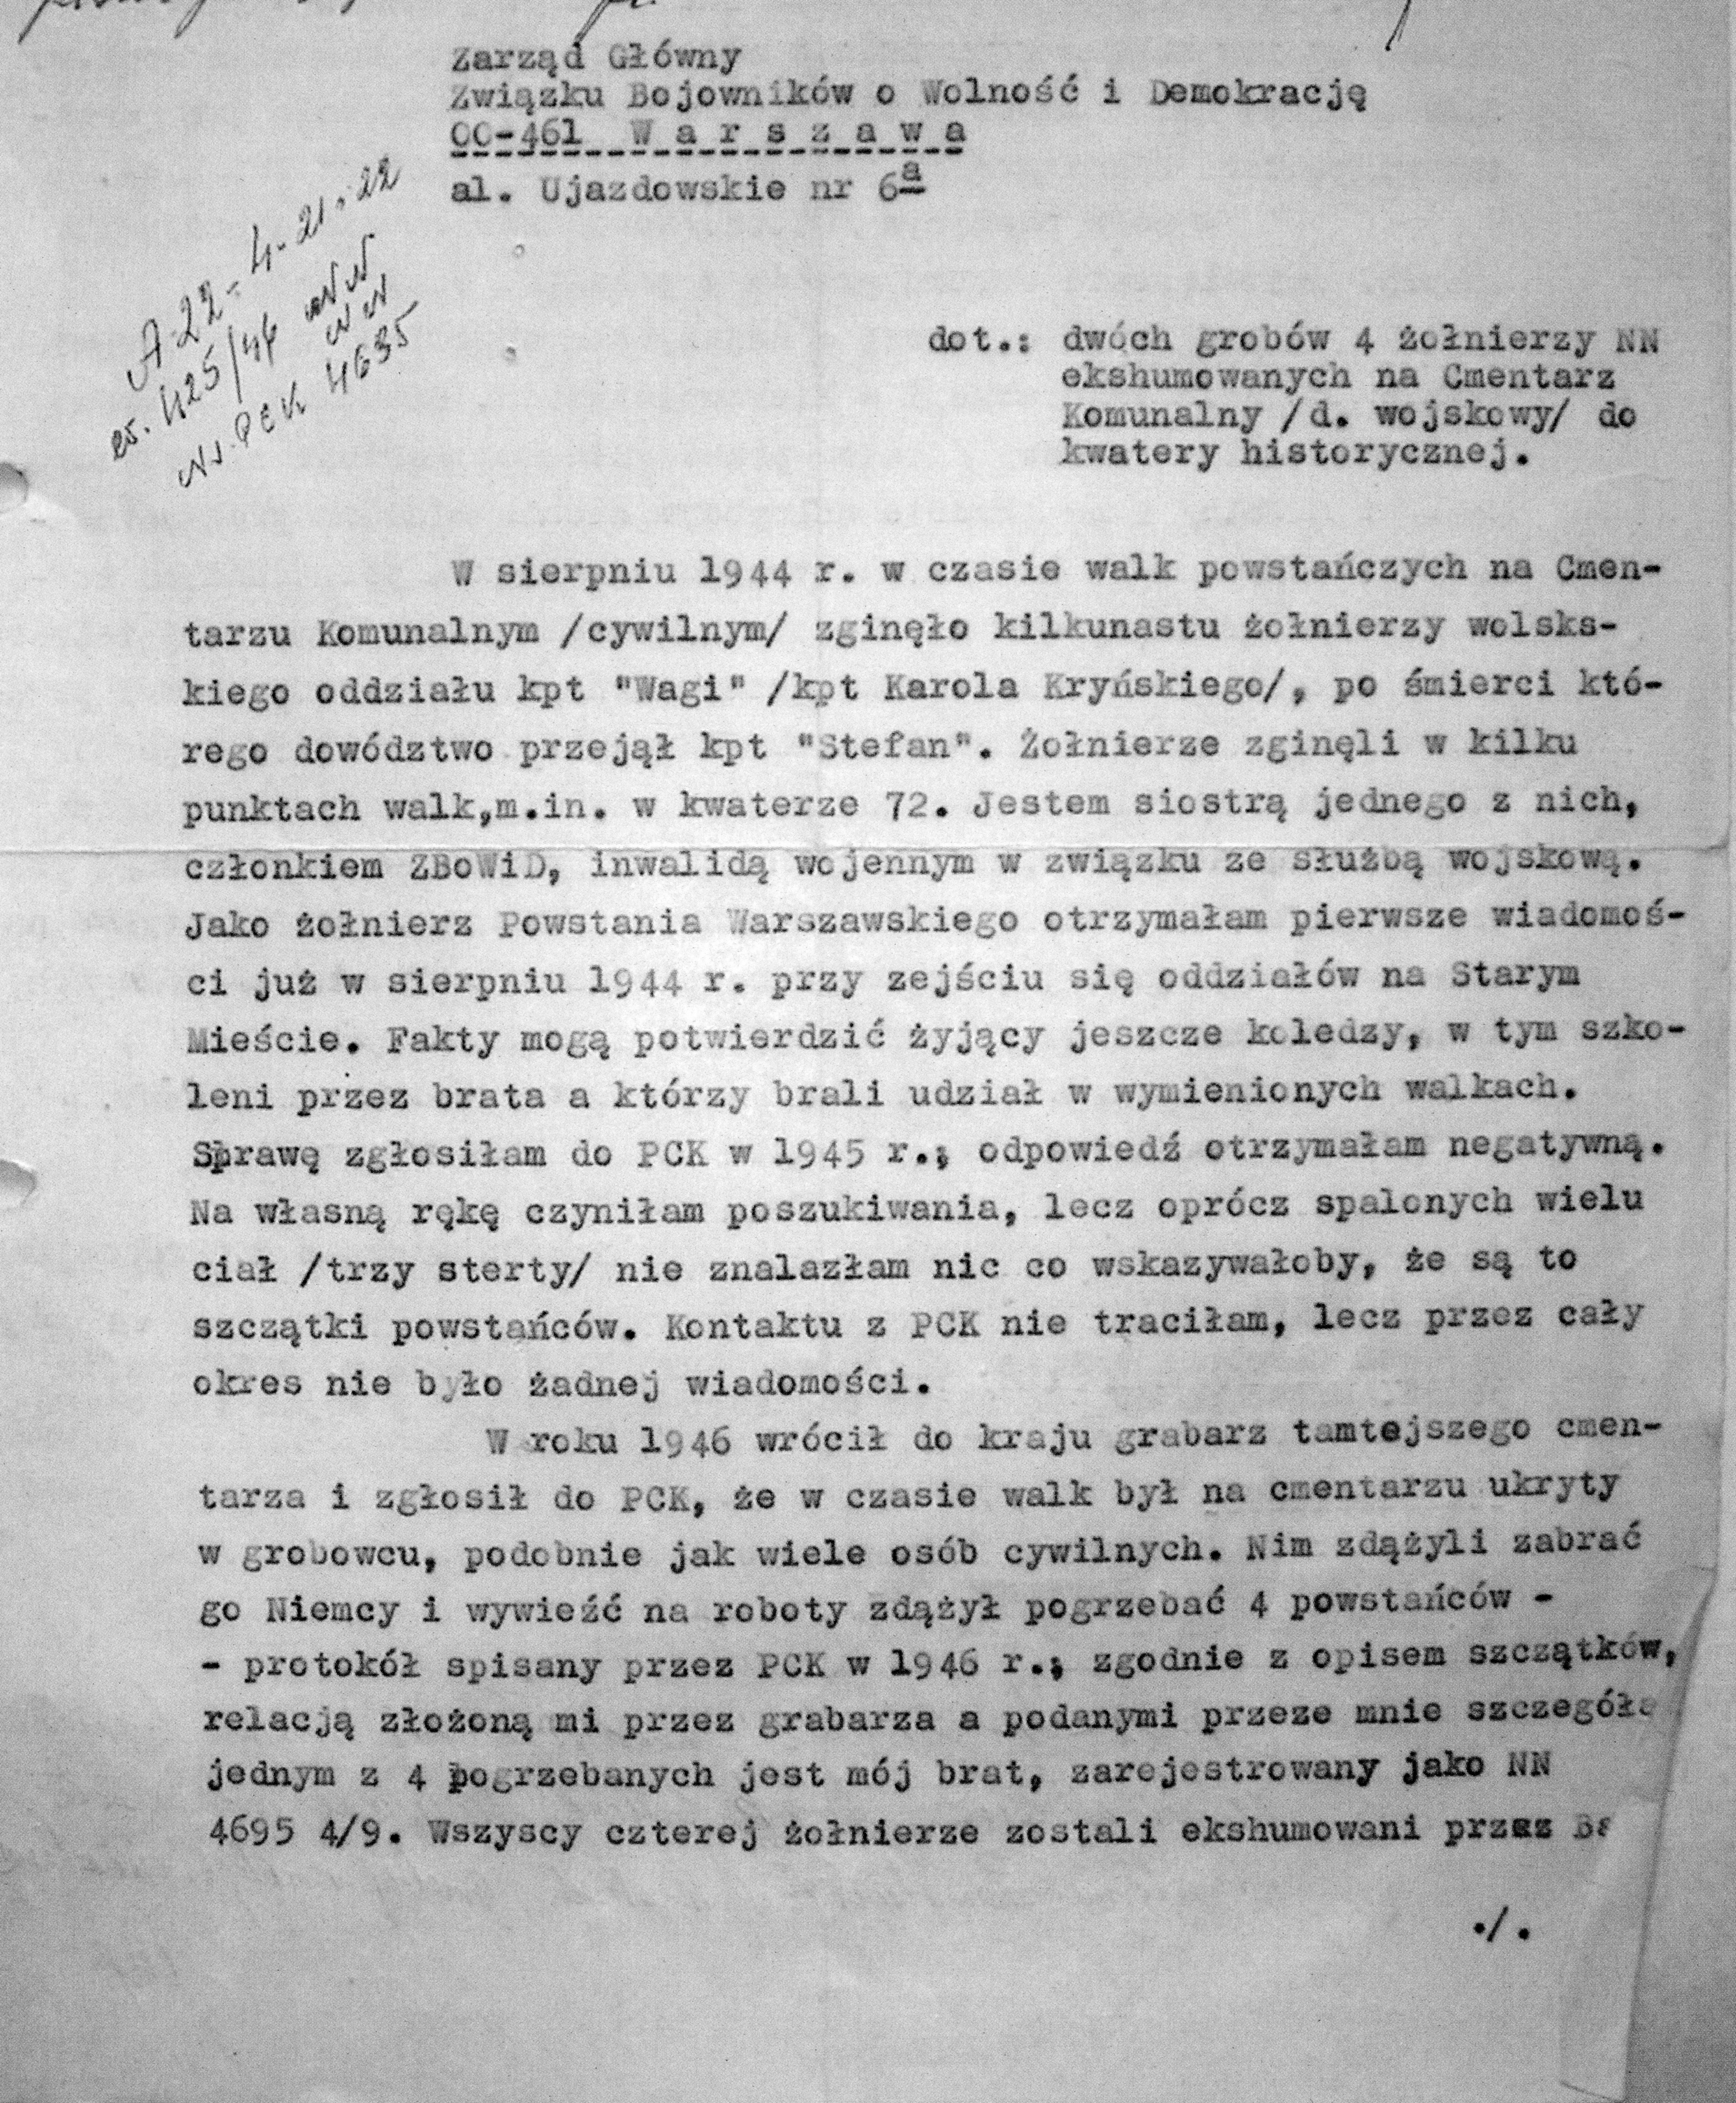 Powązki Wojskowe, Księga Pochowań nr ew. 1946/309 530